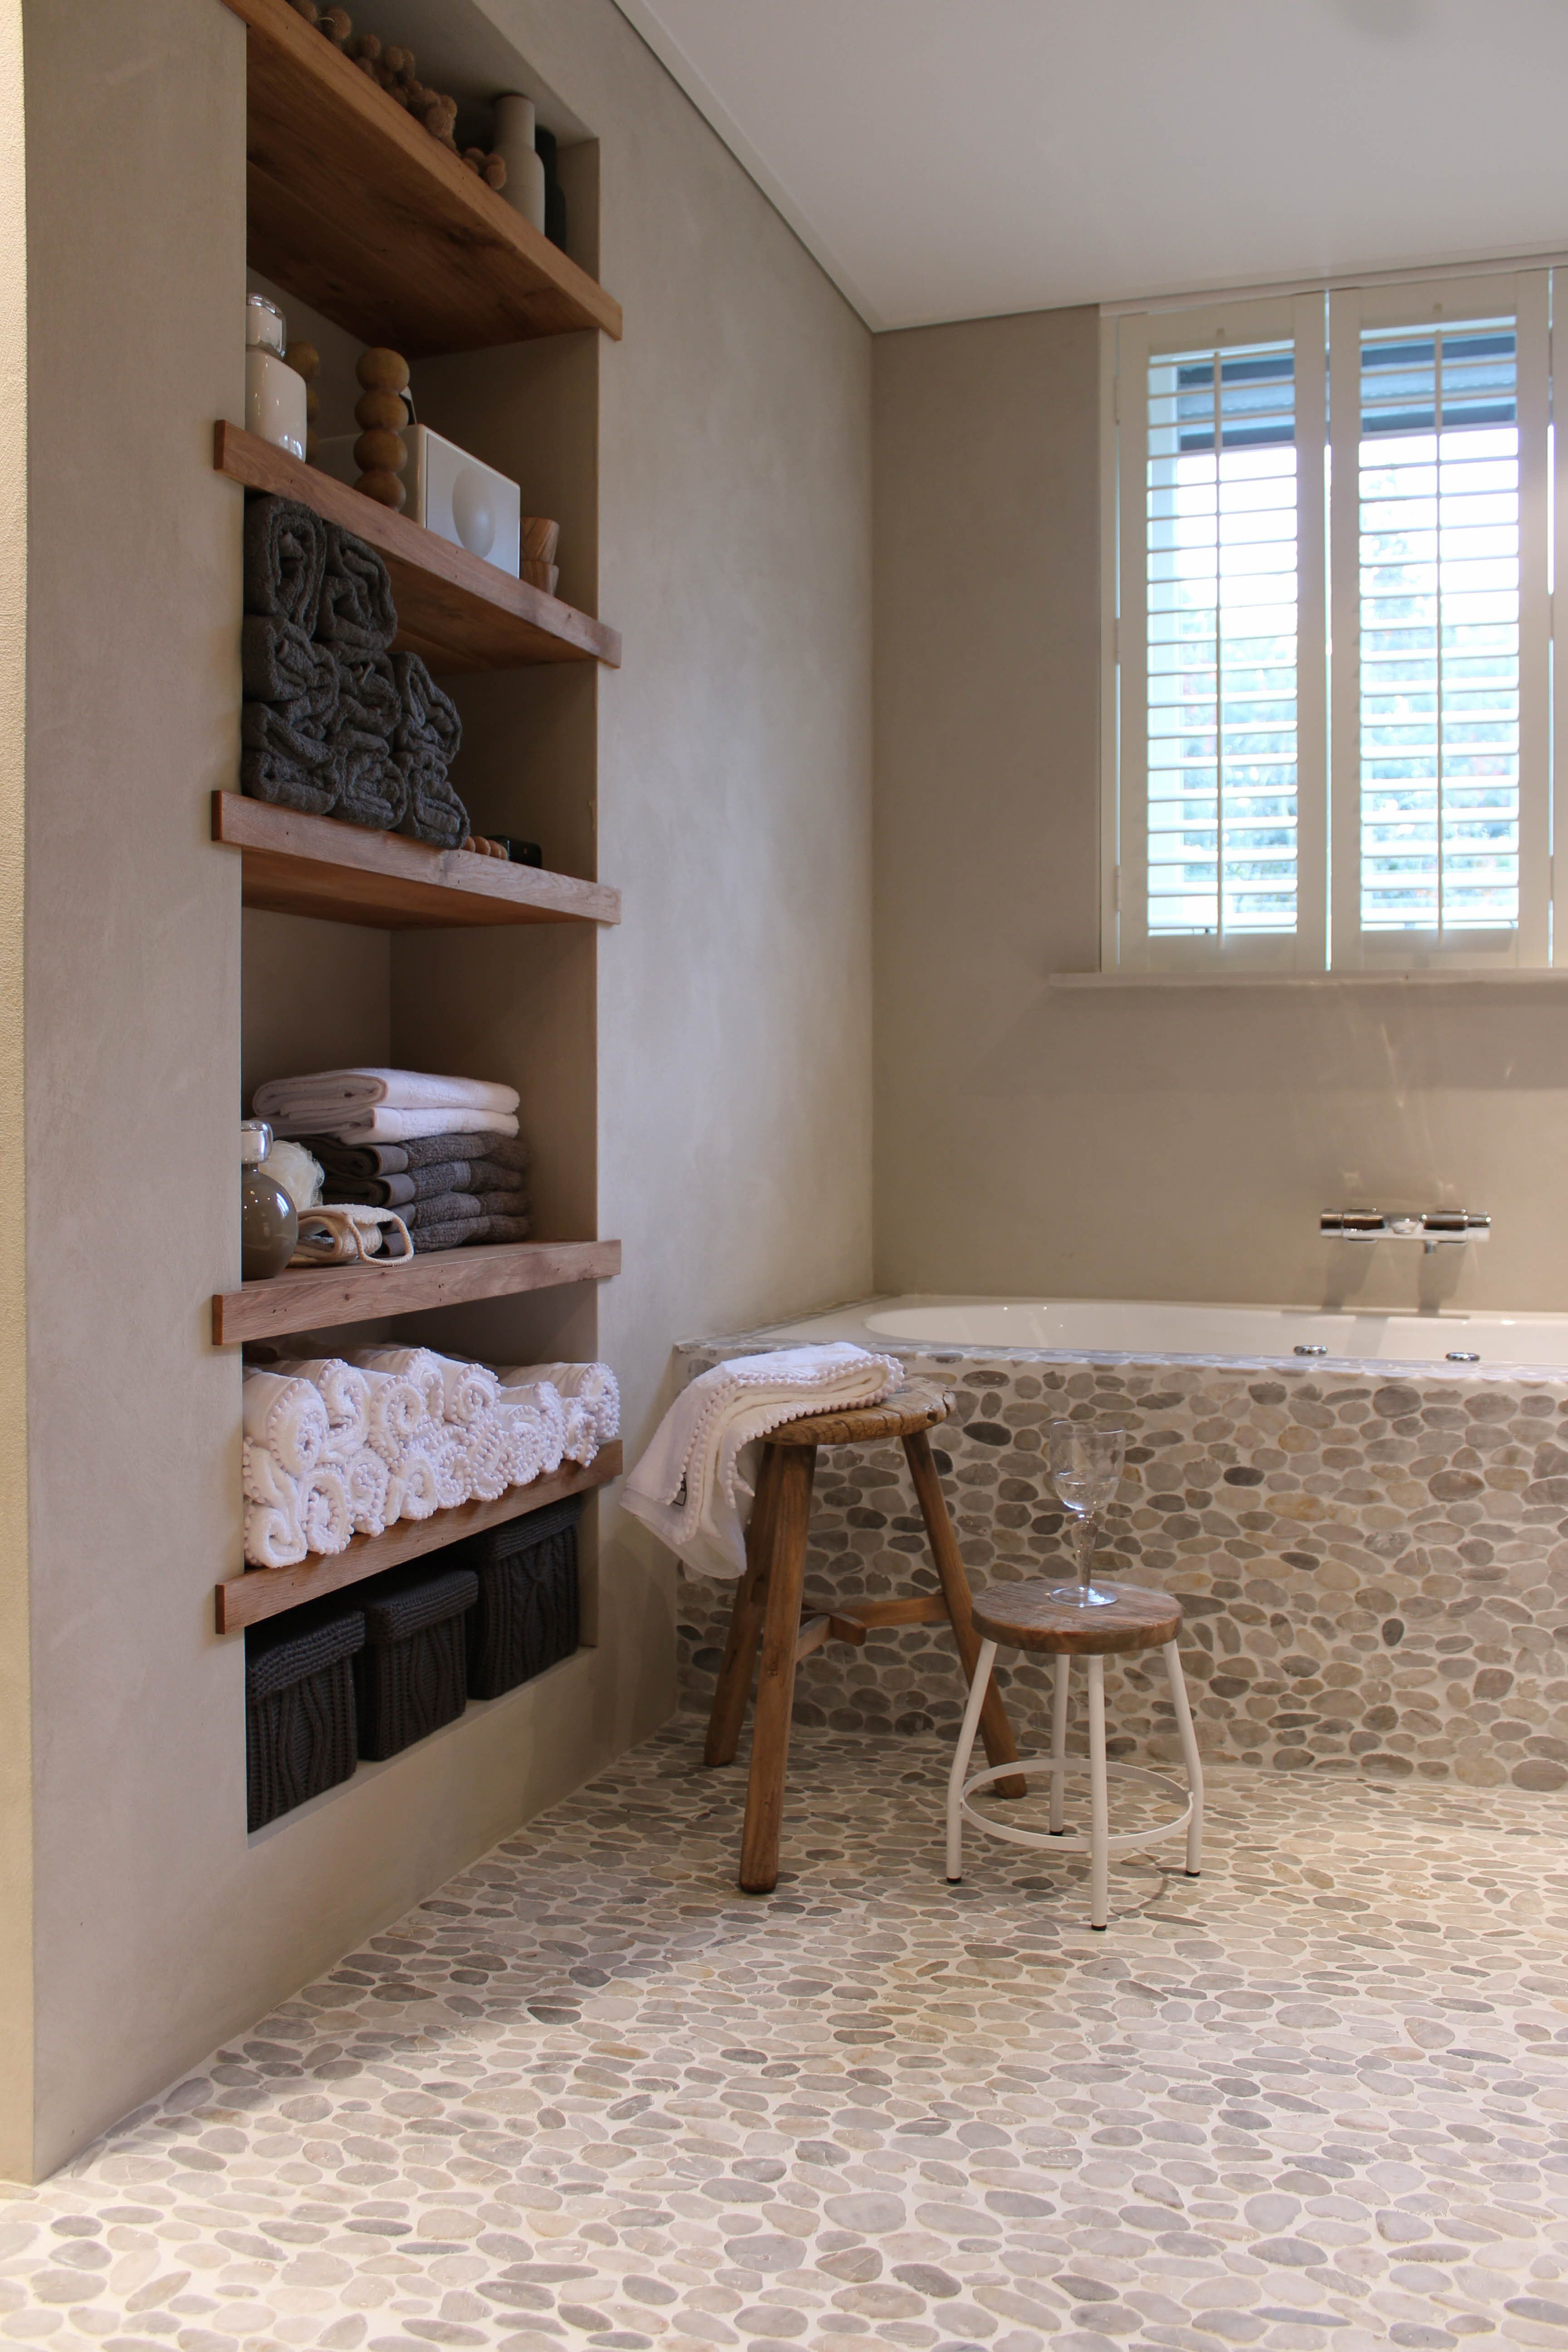 Praxis | Maak slim gebruik van je ruimte door een kast in de muur ...